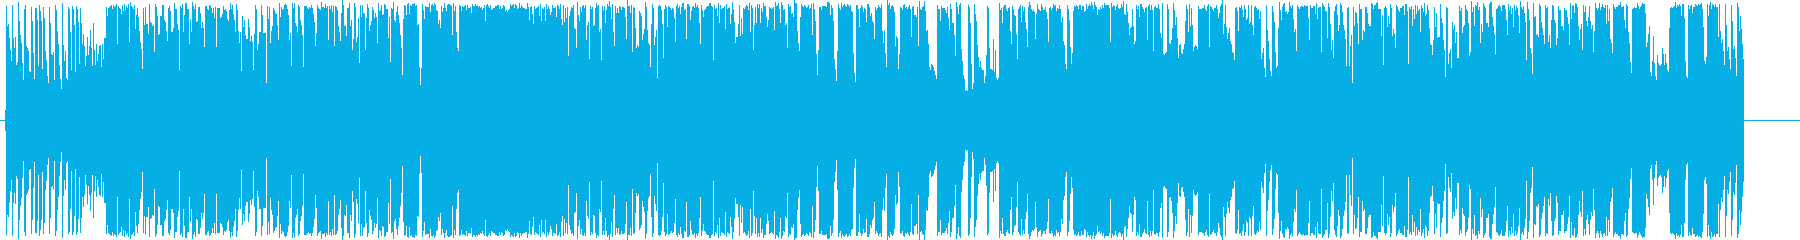 元気のあるポップなエレキギターの音の再生済みの波形